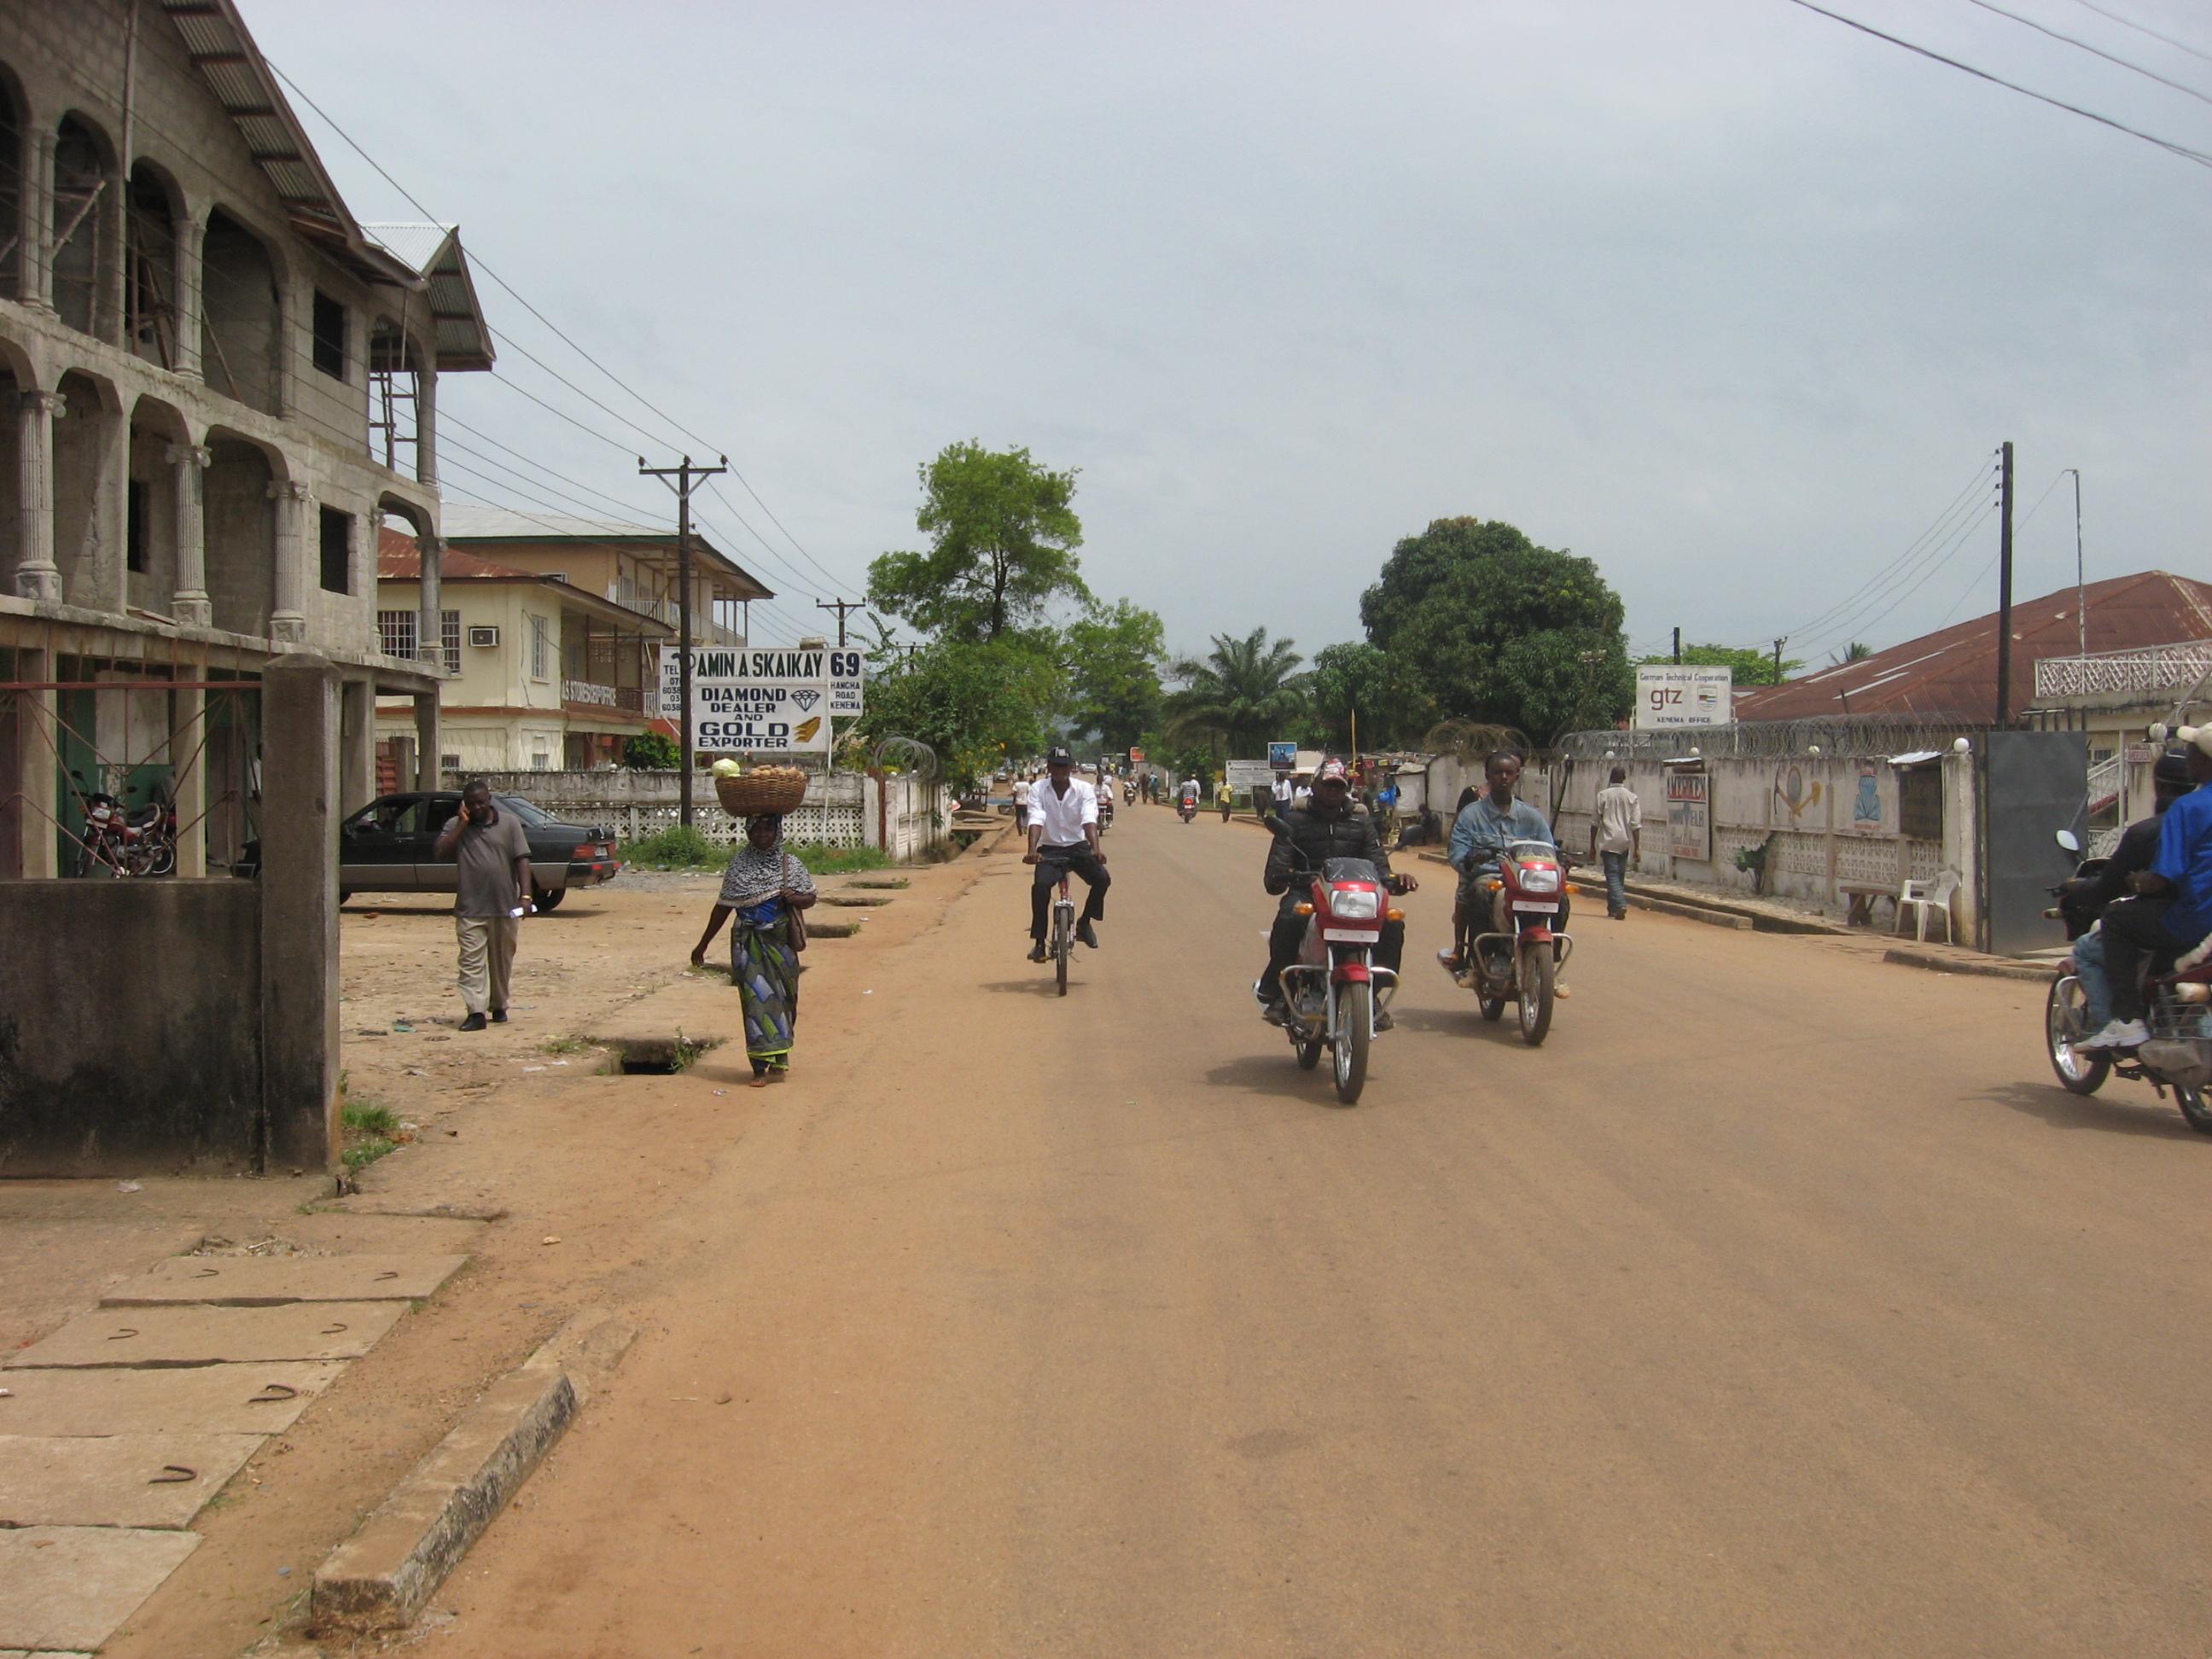 English: Street in Kenema, Sierra Leone.